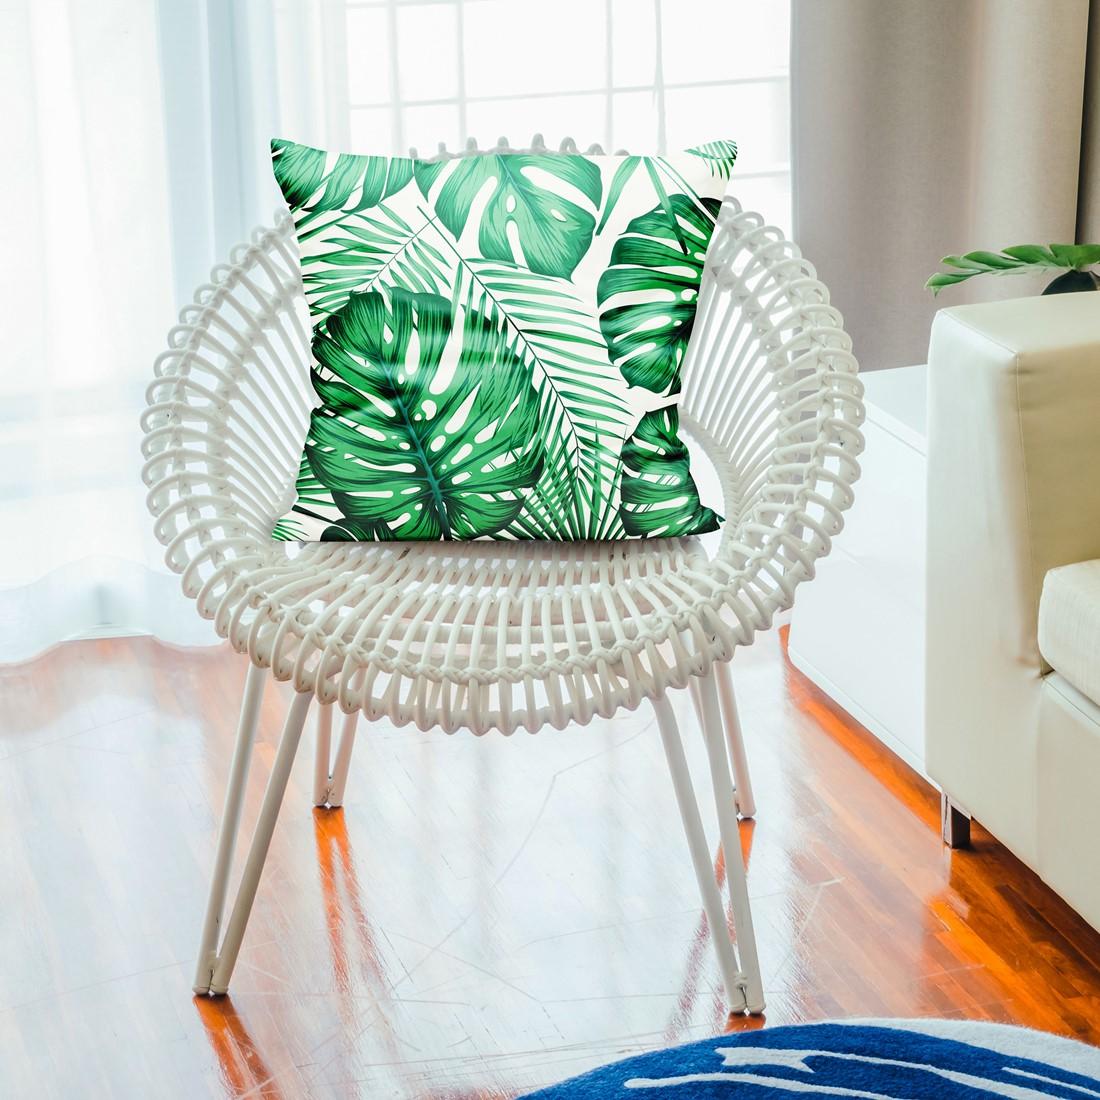 Dekoracyjna poduszka z liściem